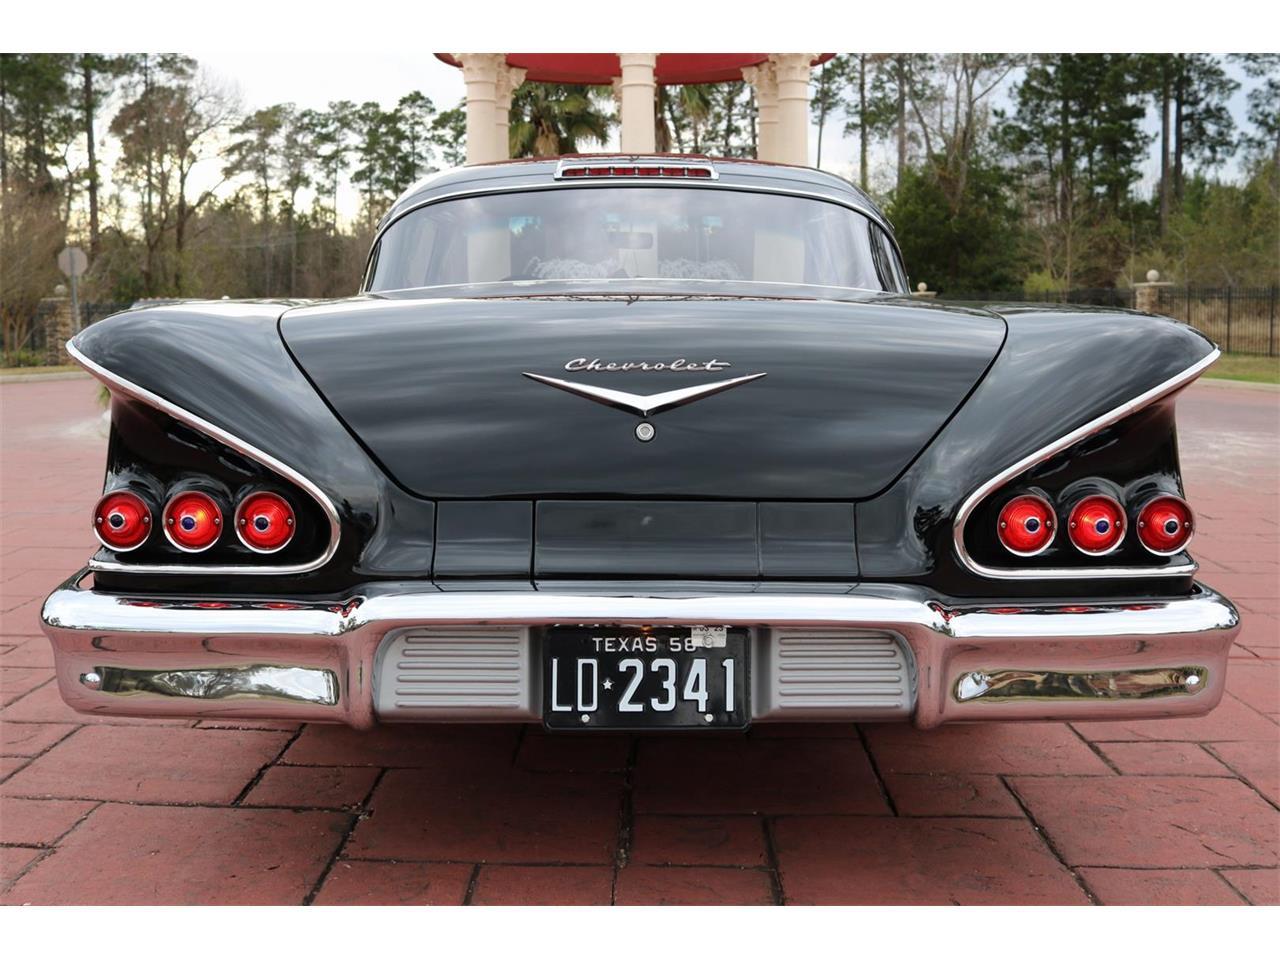 Large Picture of 1995 Impala - $99,900.00 - QELW